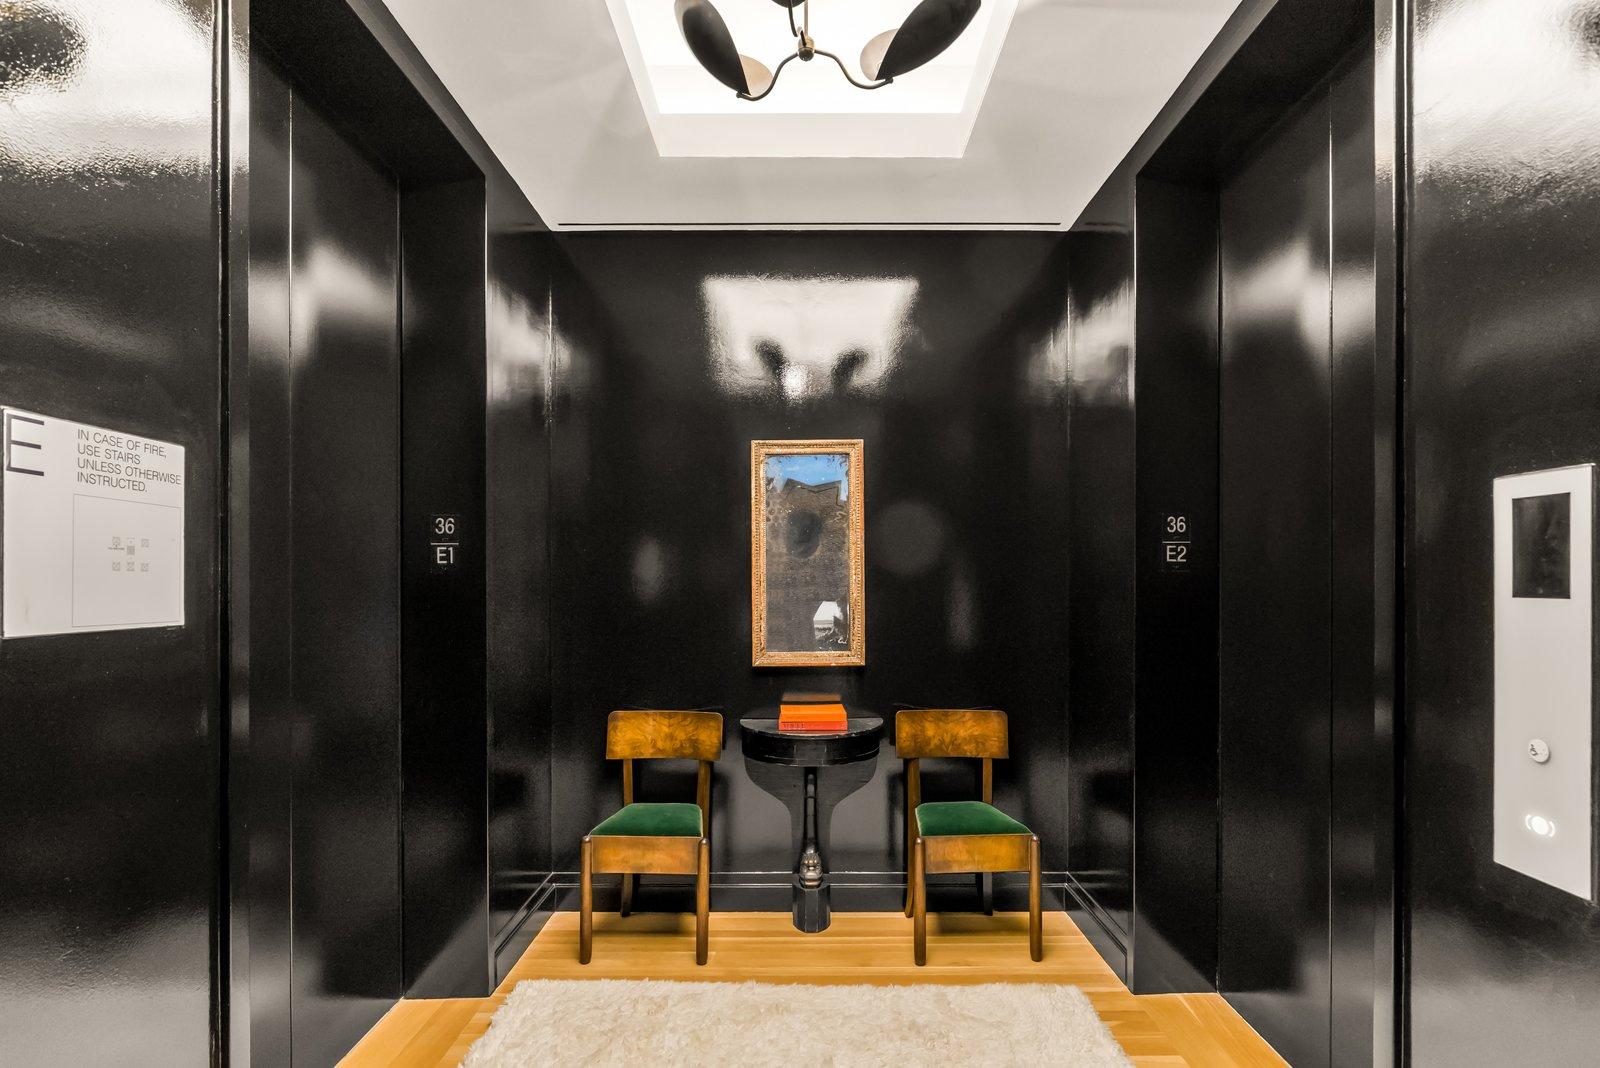 J.Lo and A-Rod's 432 Park Avenue apartment landing